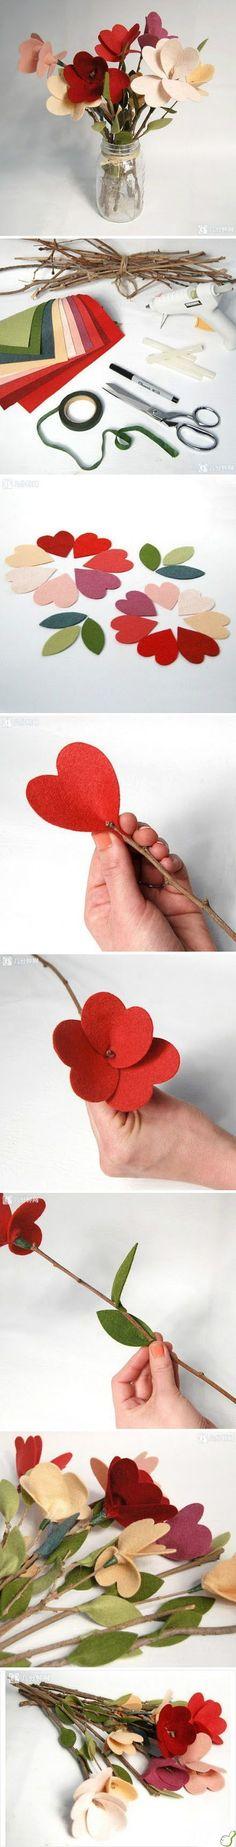 Modular Heart Flower